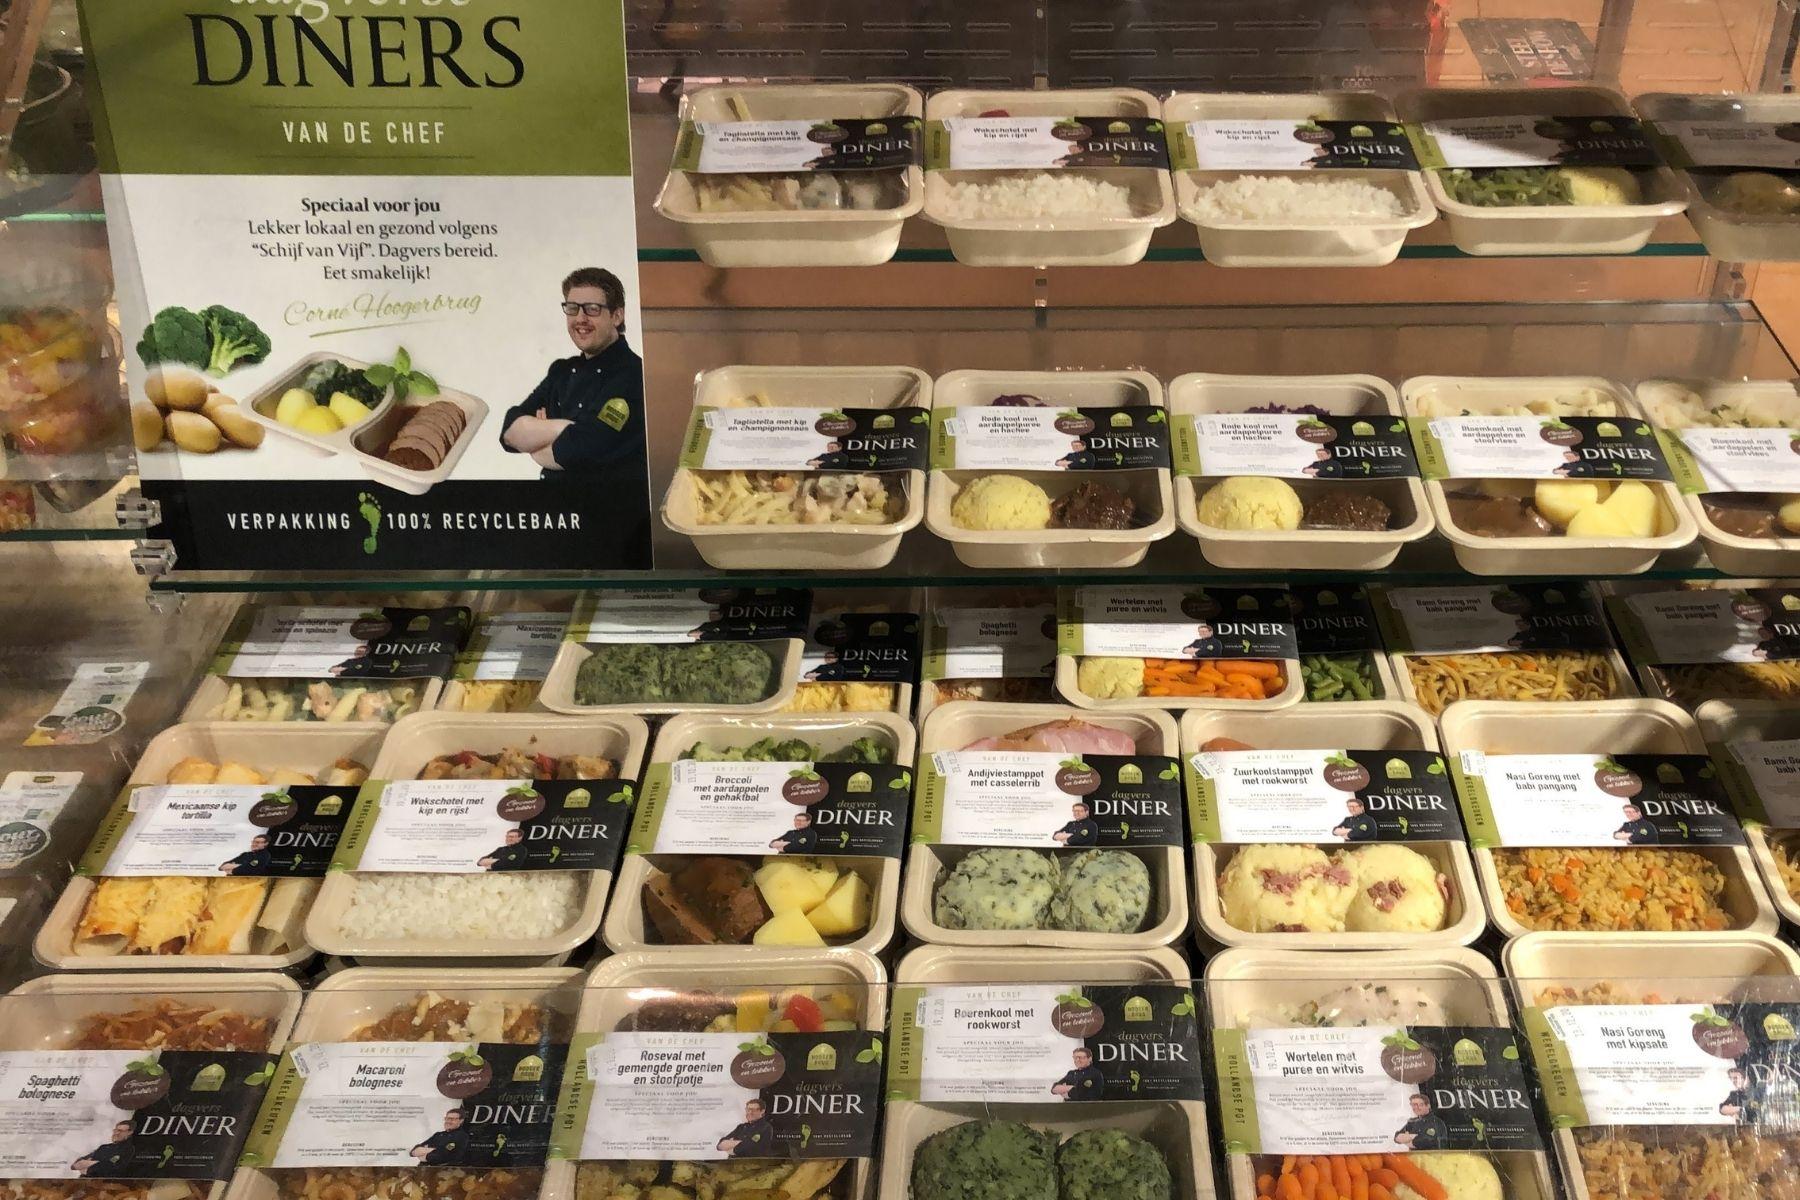 Corona als inspirator voor nieuw food concept